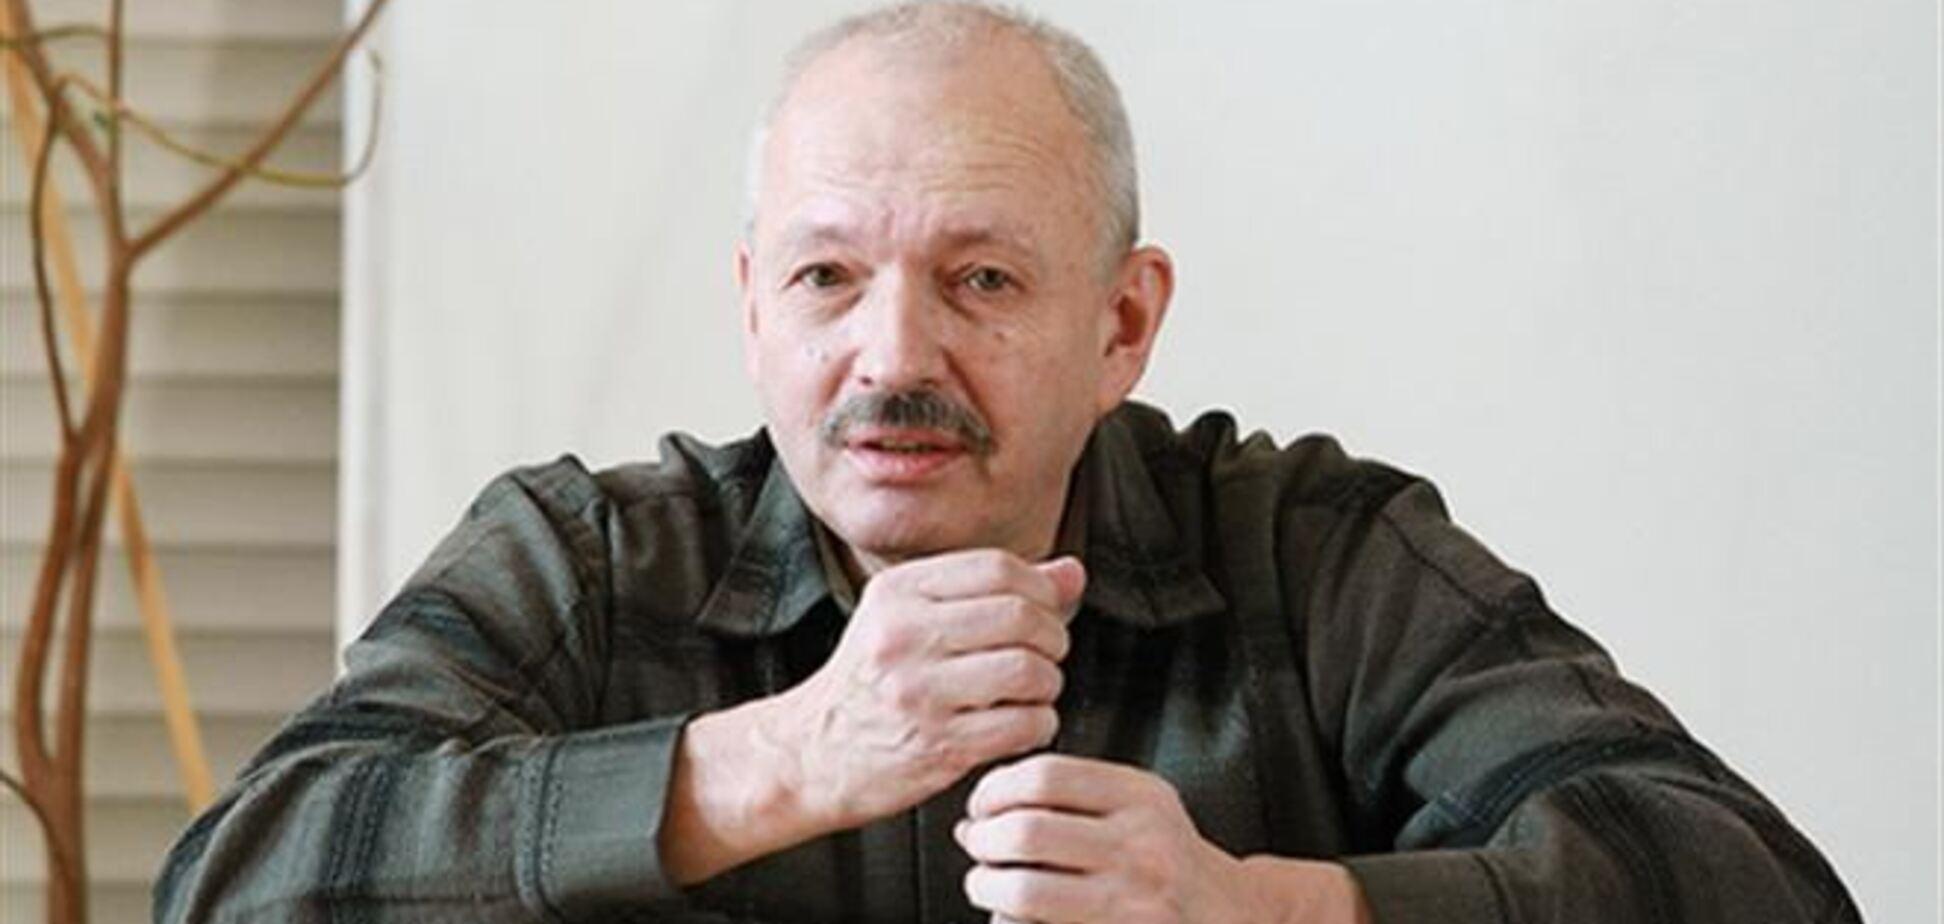 СБУ задержала в Киеве россиянина за организацию срыва выборов президента